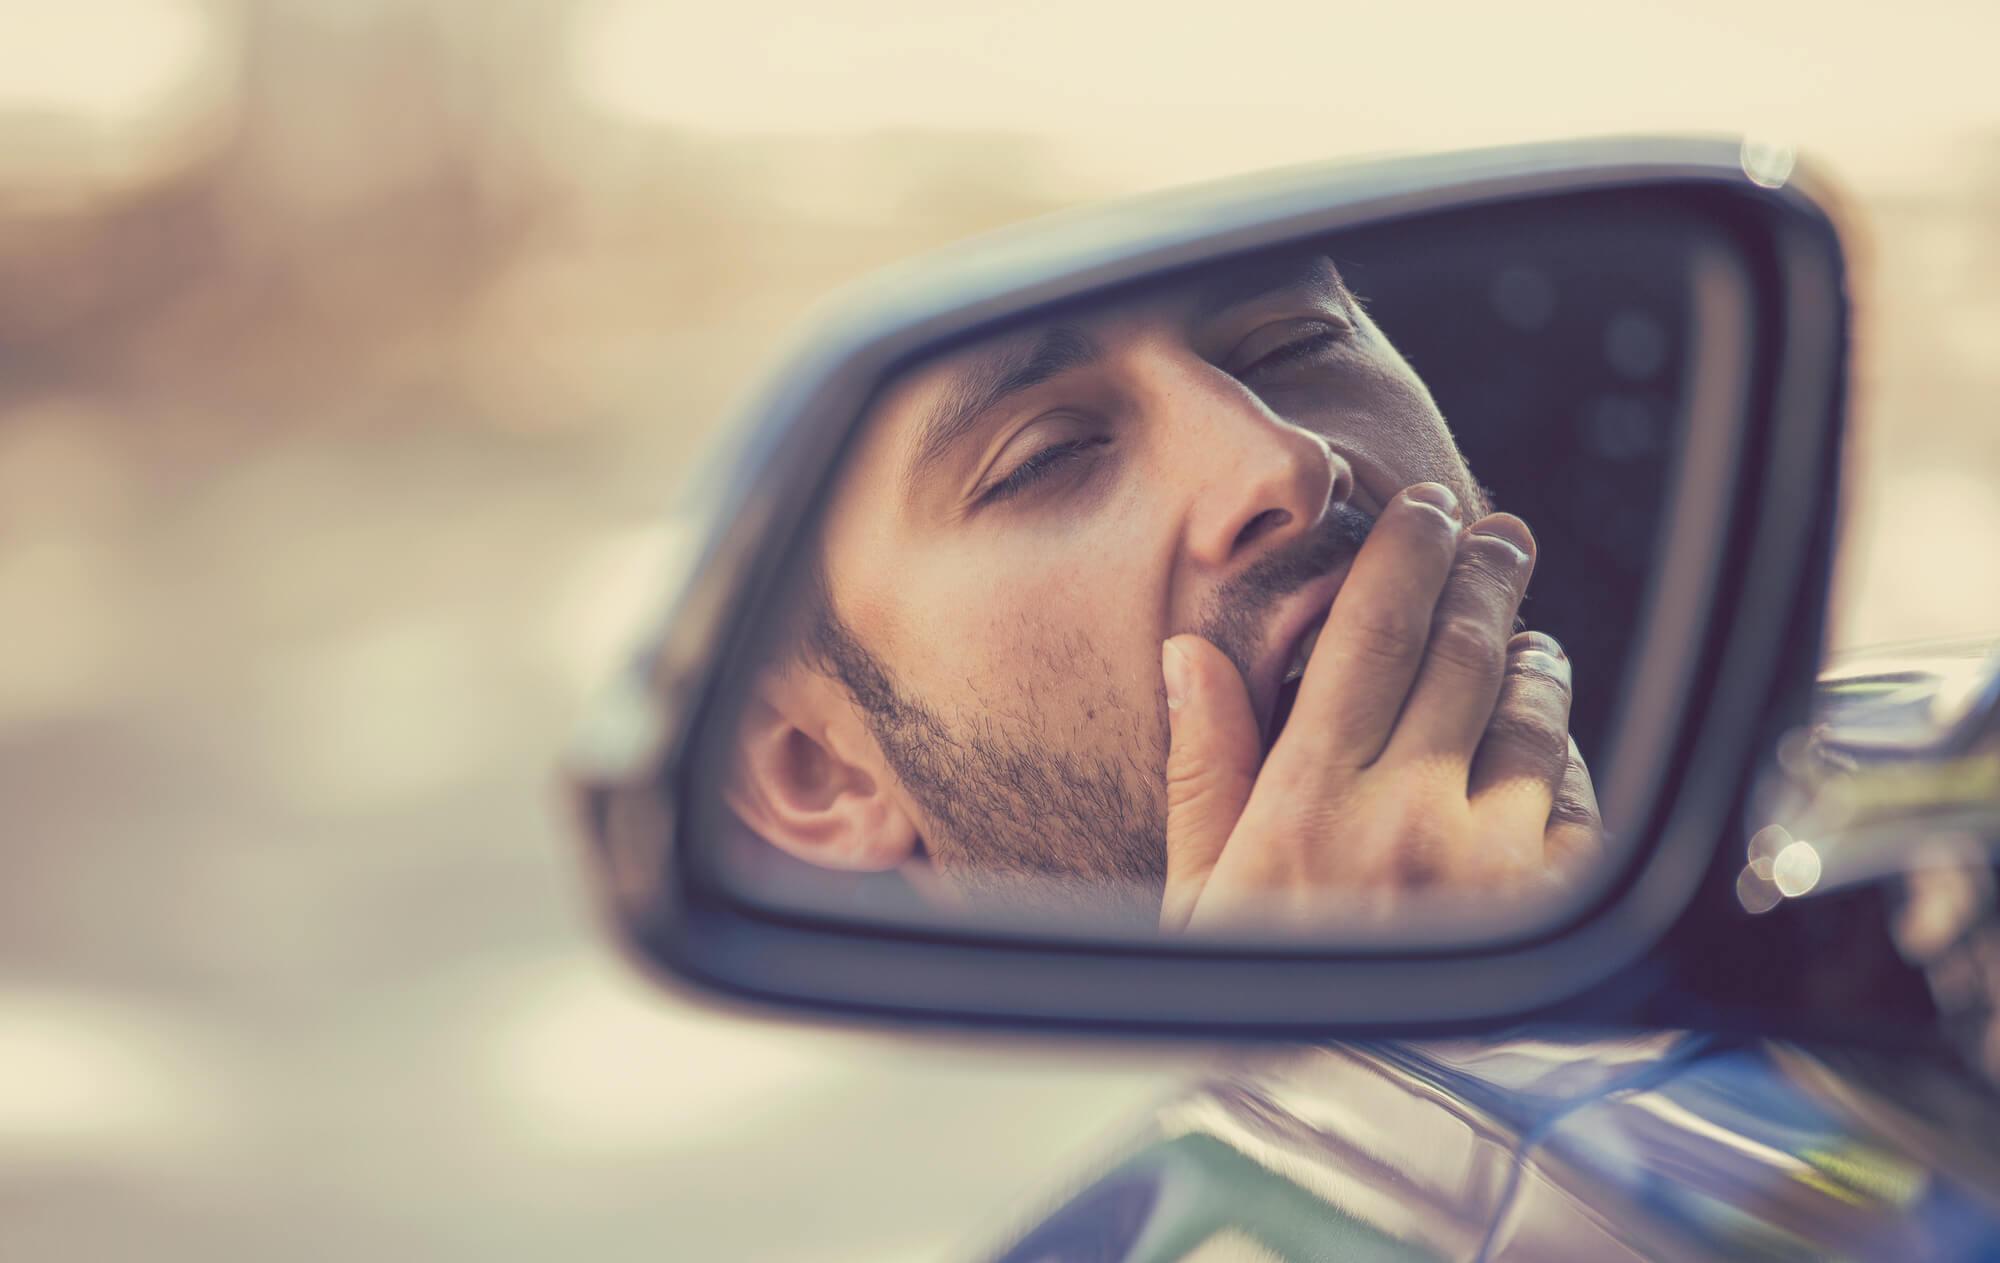 Le 5 cose da fare per evitare il colpo di sonno alla guida